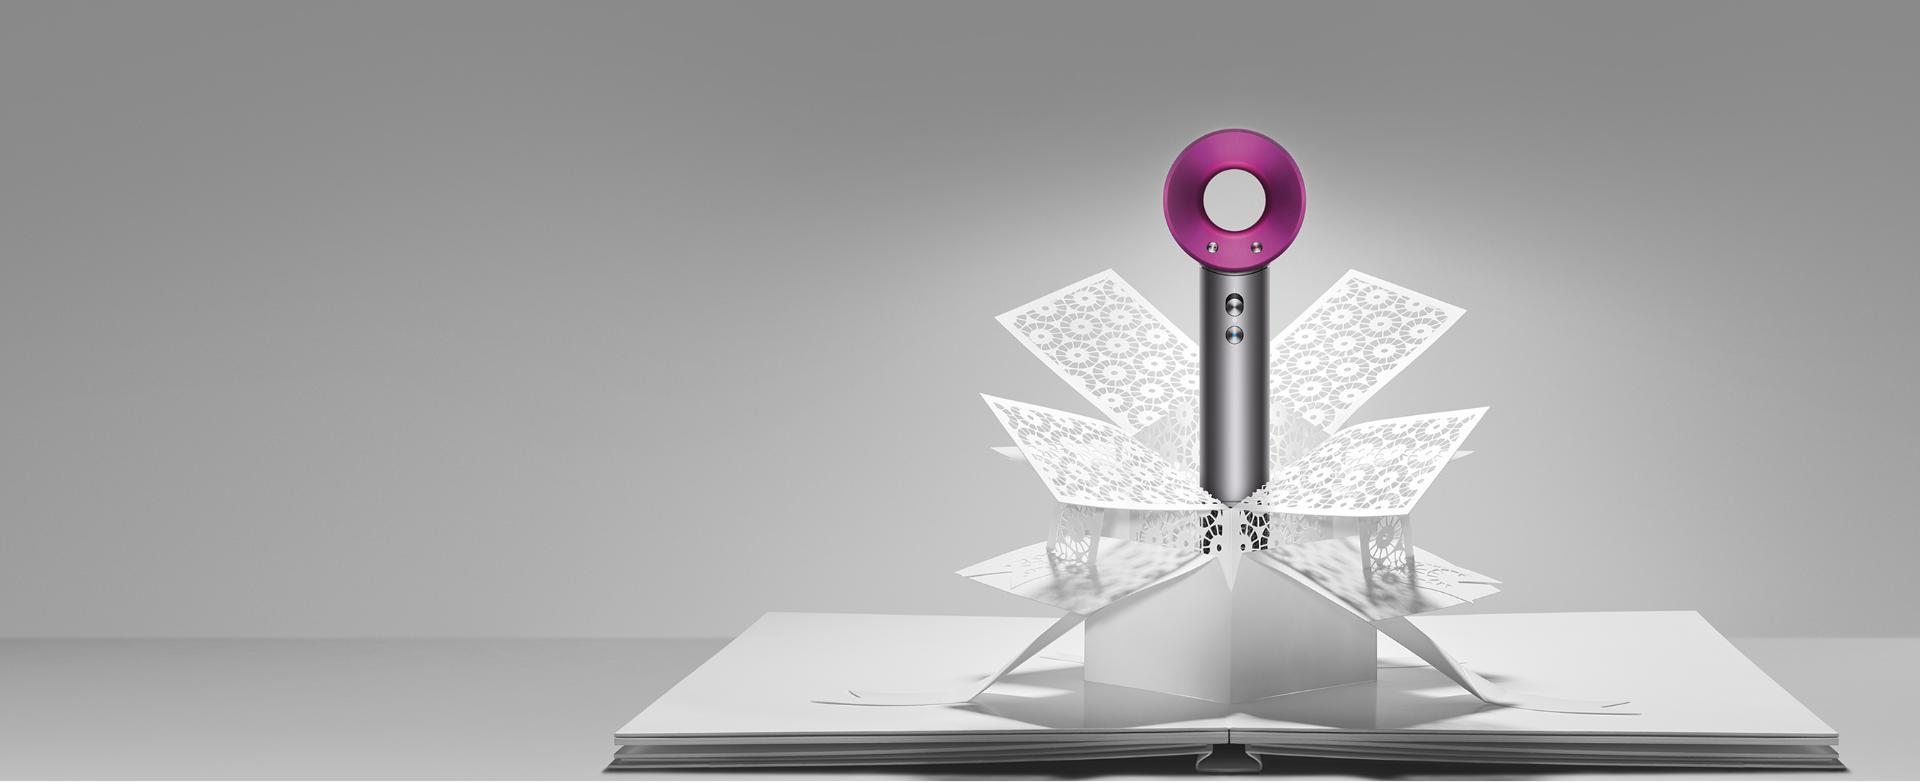 Dyson Supersonic™ emerge del arte en papel